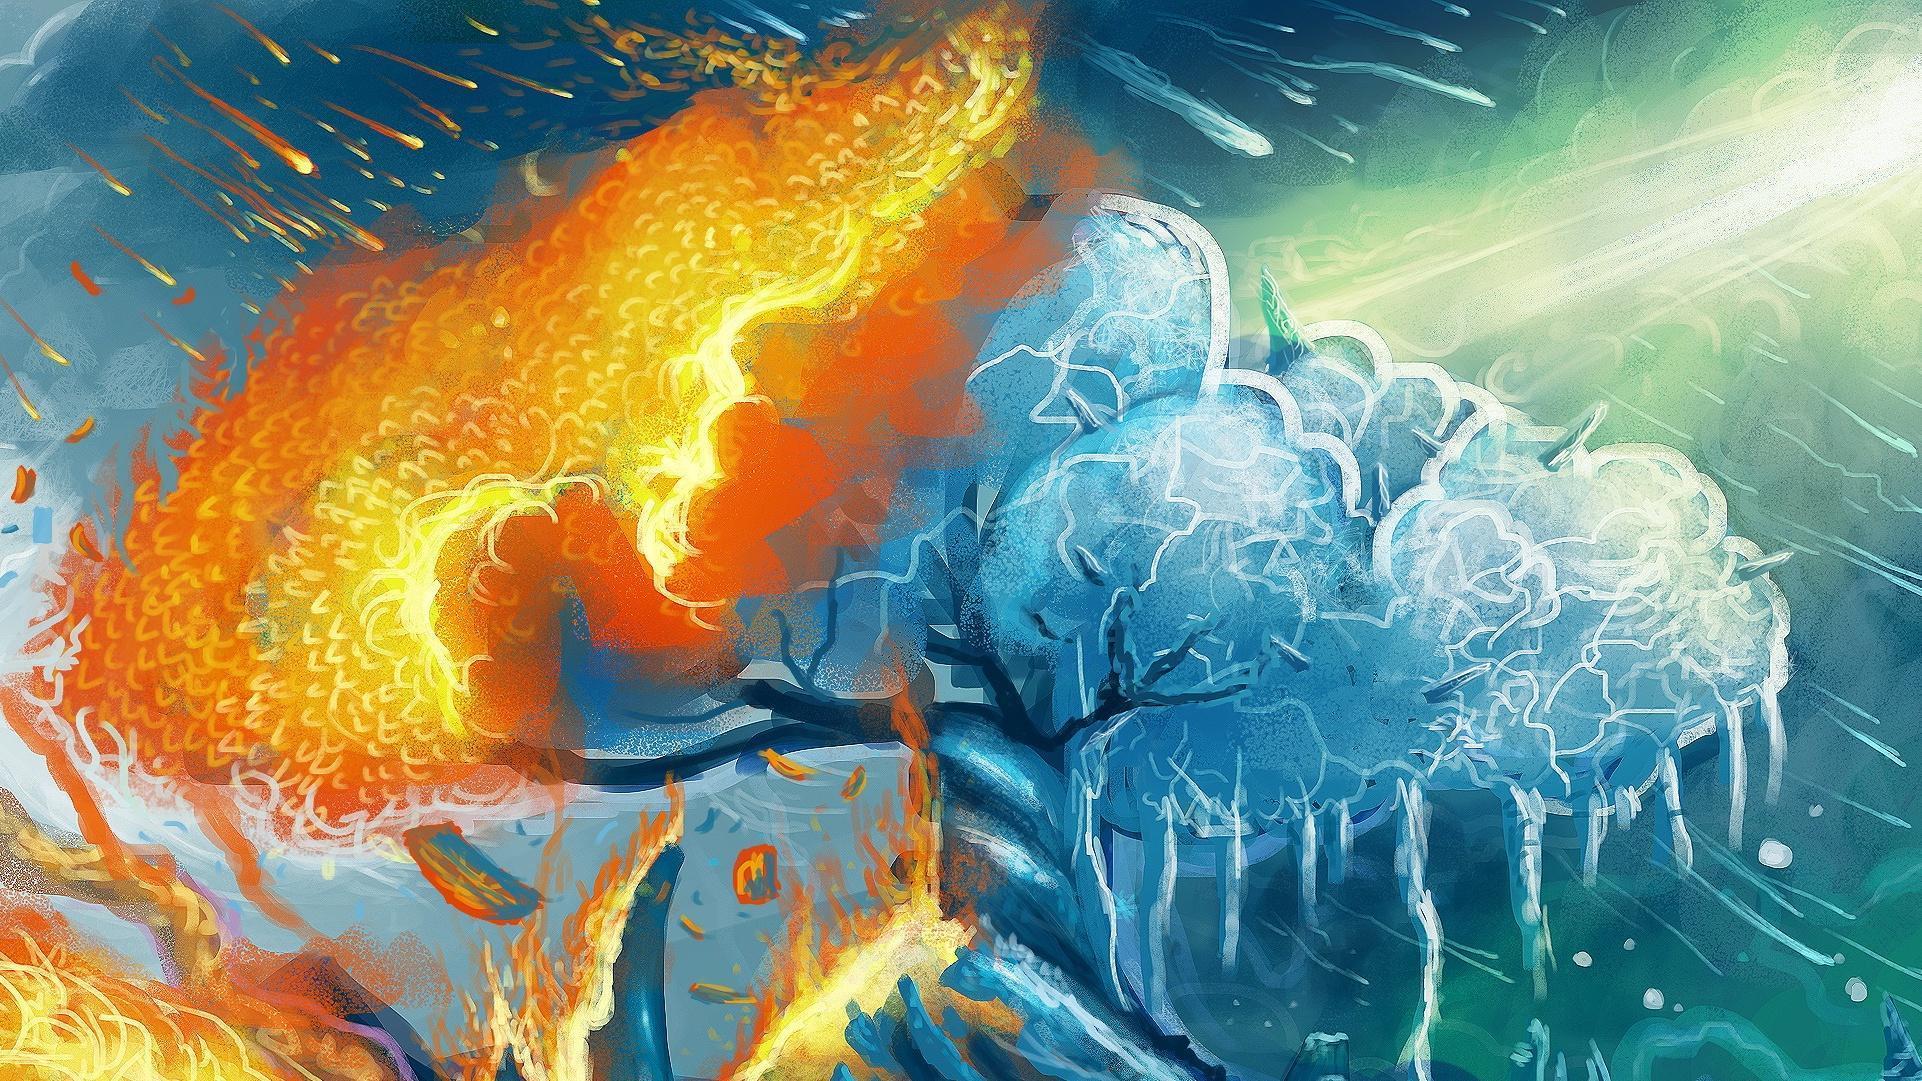 простой конструкции огонь и лед мифология в картинках которым нравится отмечать